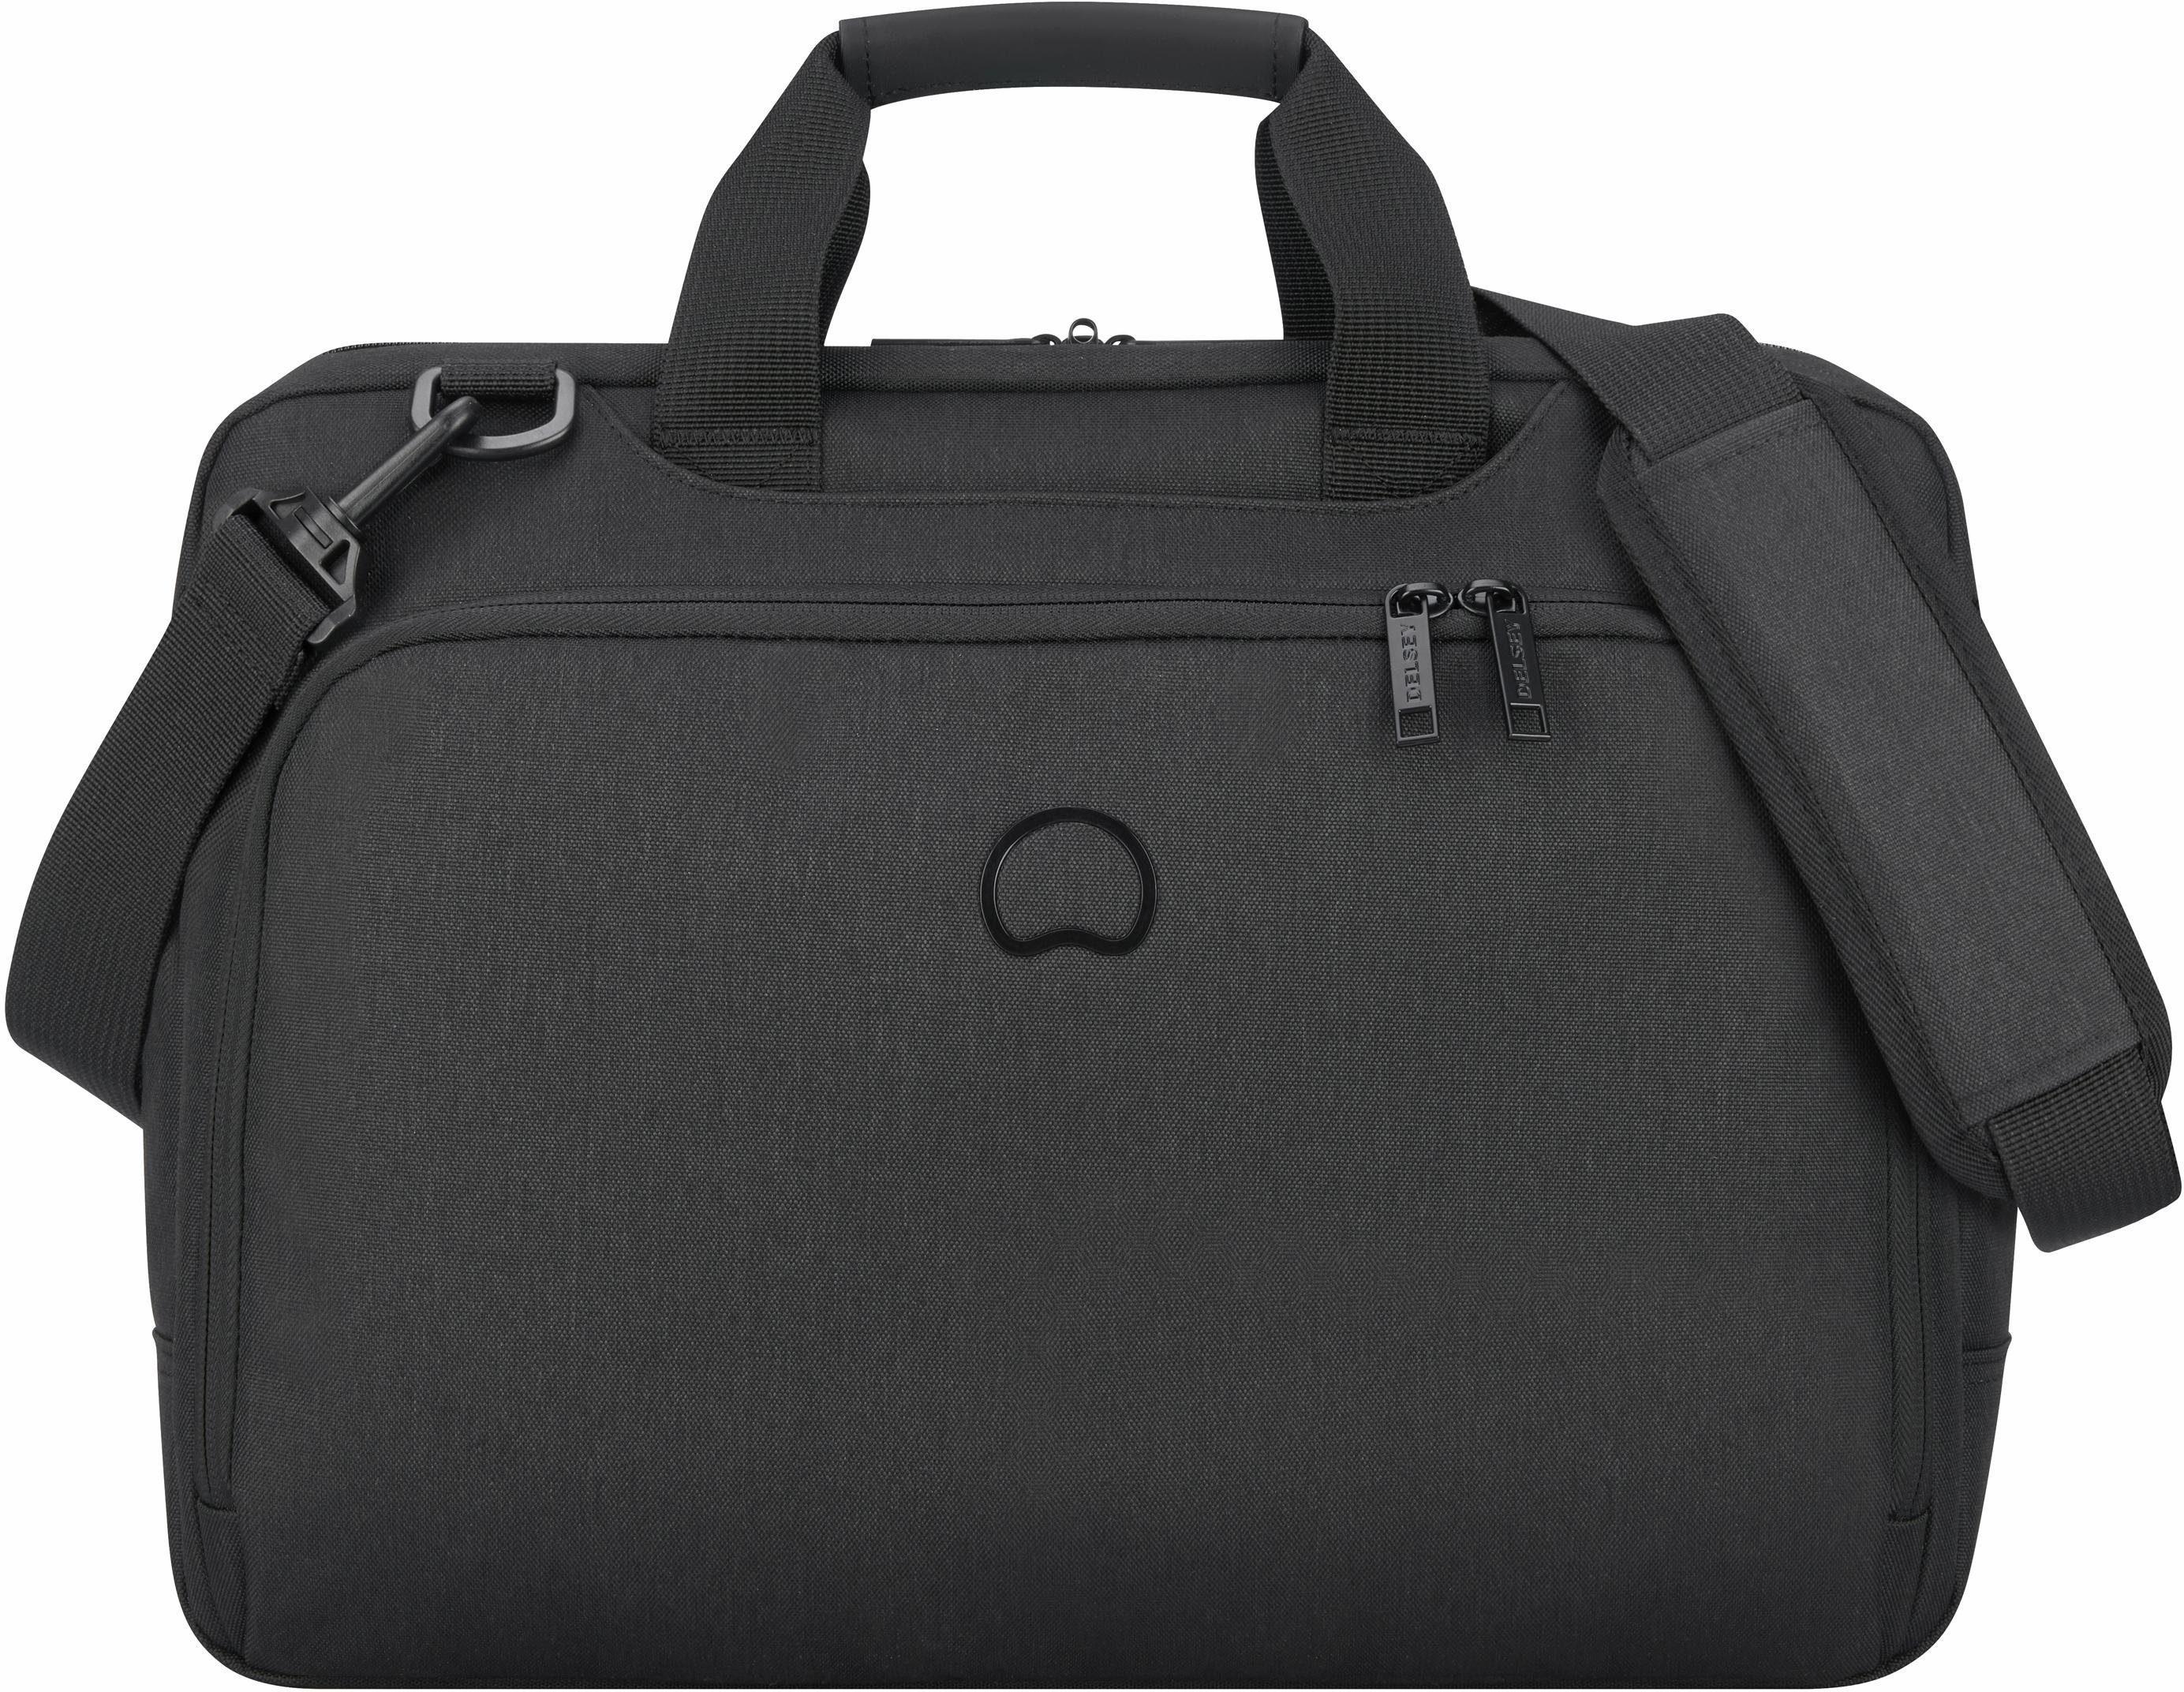 DELSEY Aktentasche mit 15,6-Zoll Laptopfach, »Esplanade, 2 Fächer, schwarz«